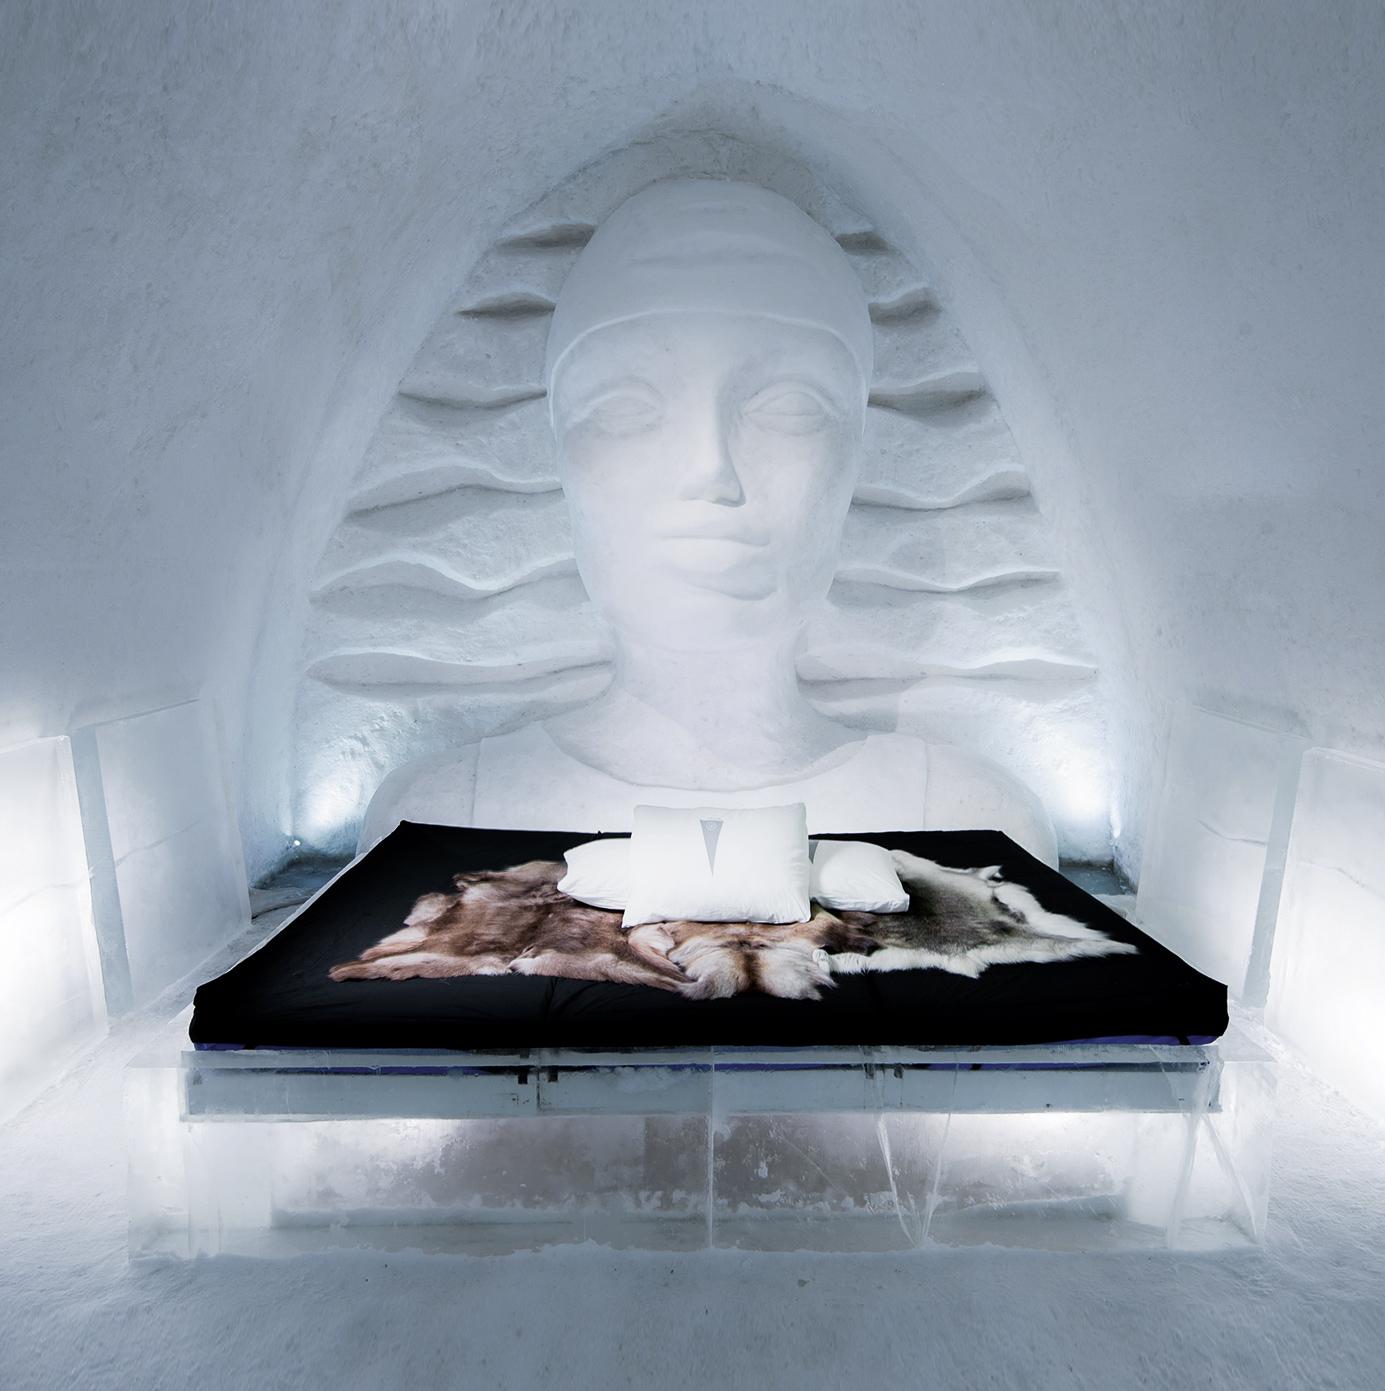 Vagnelind artist icehotel icewoman